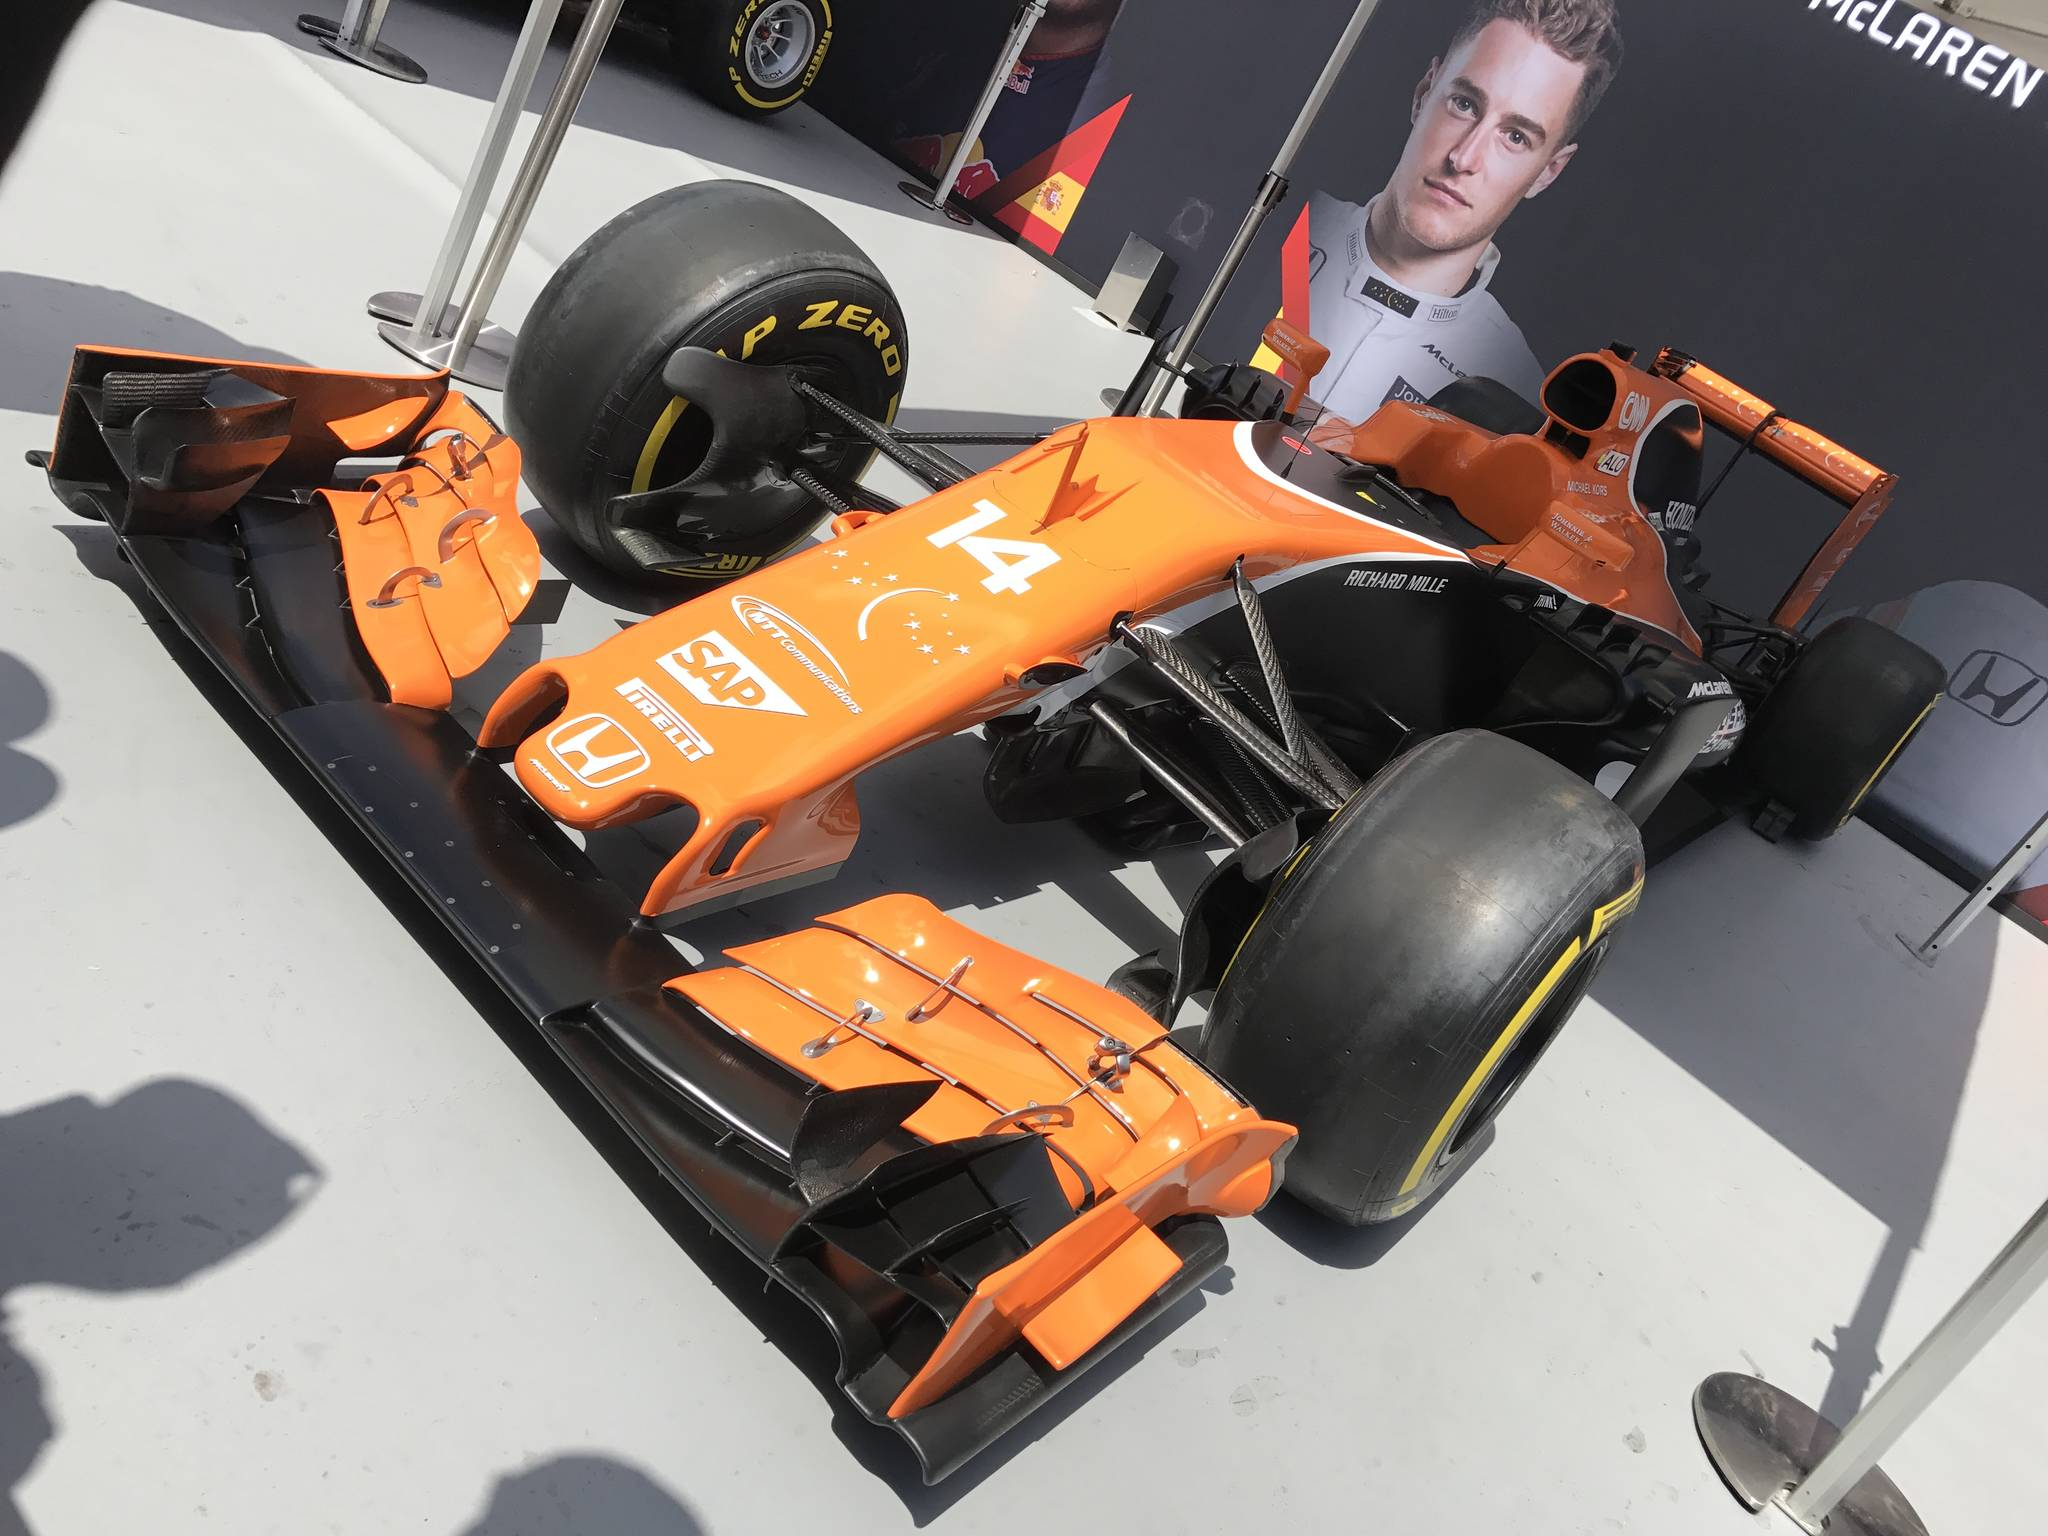 영국 런던 트라팔가 광장 일대에서 12일(현지시간) 'F1 라이브 런던' 행사가 진행됐다. 박상욱 기자